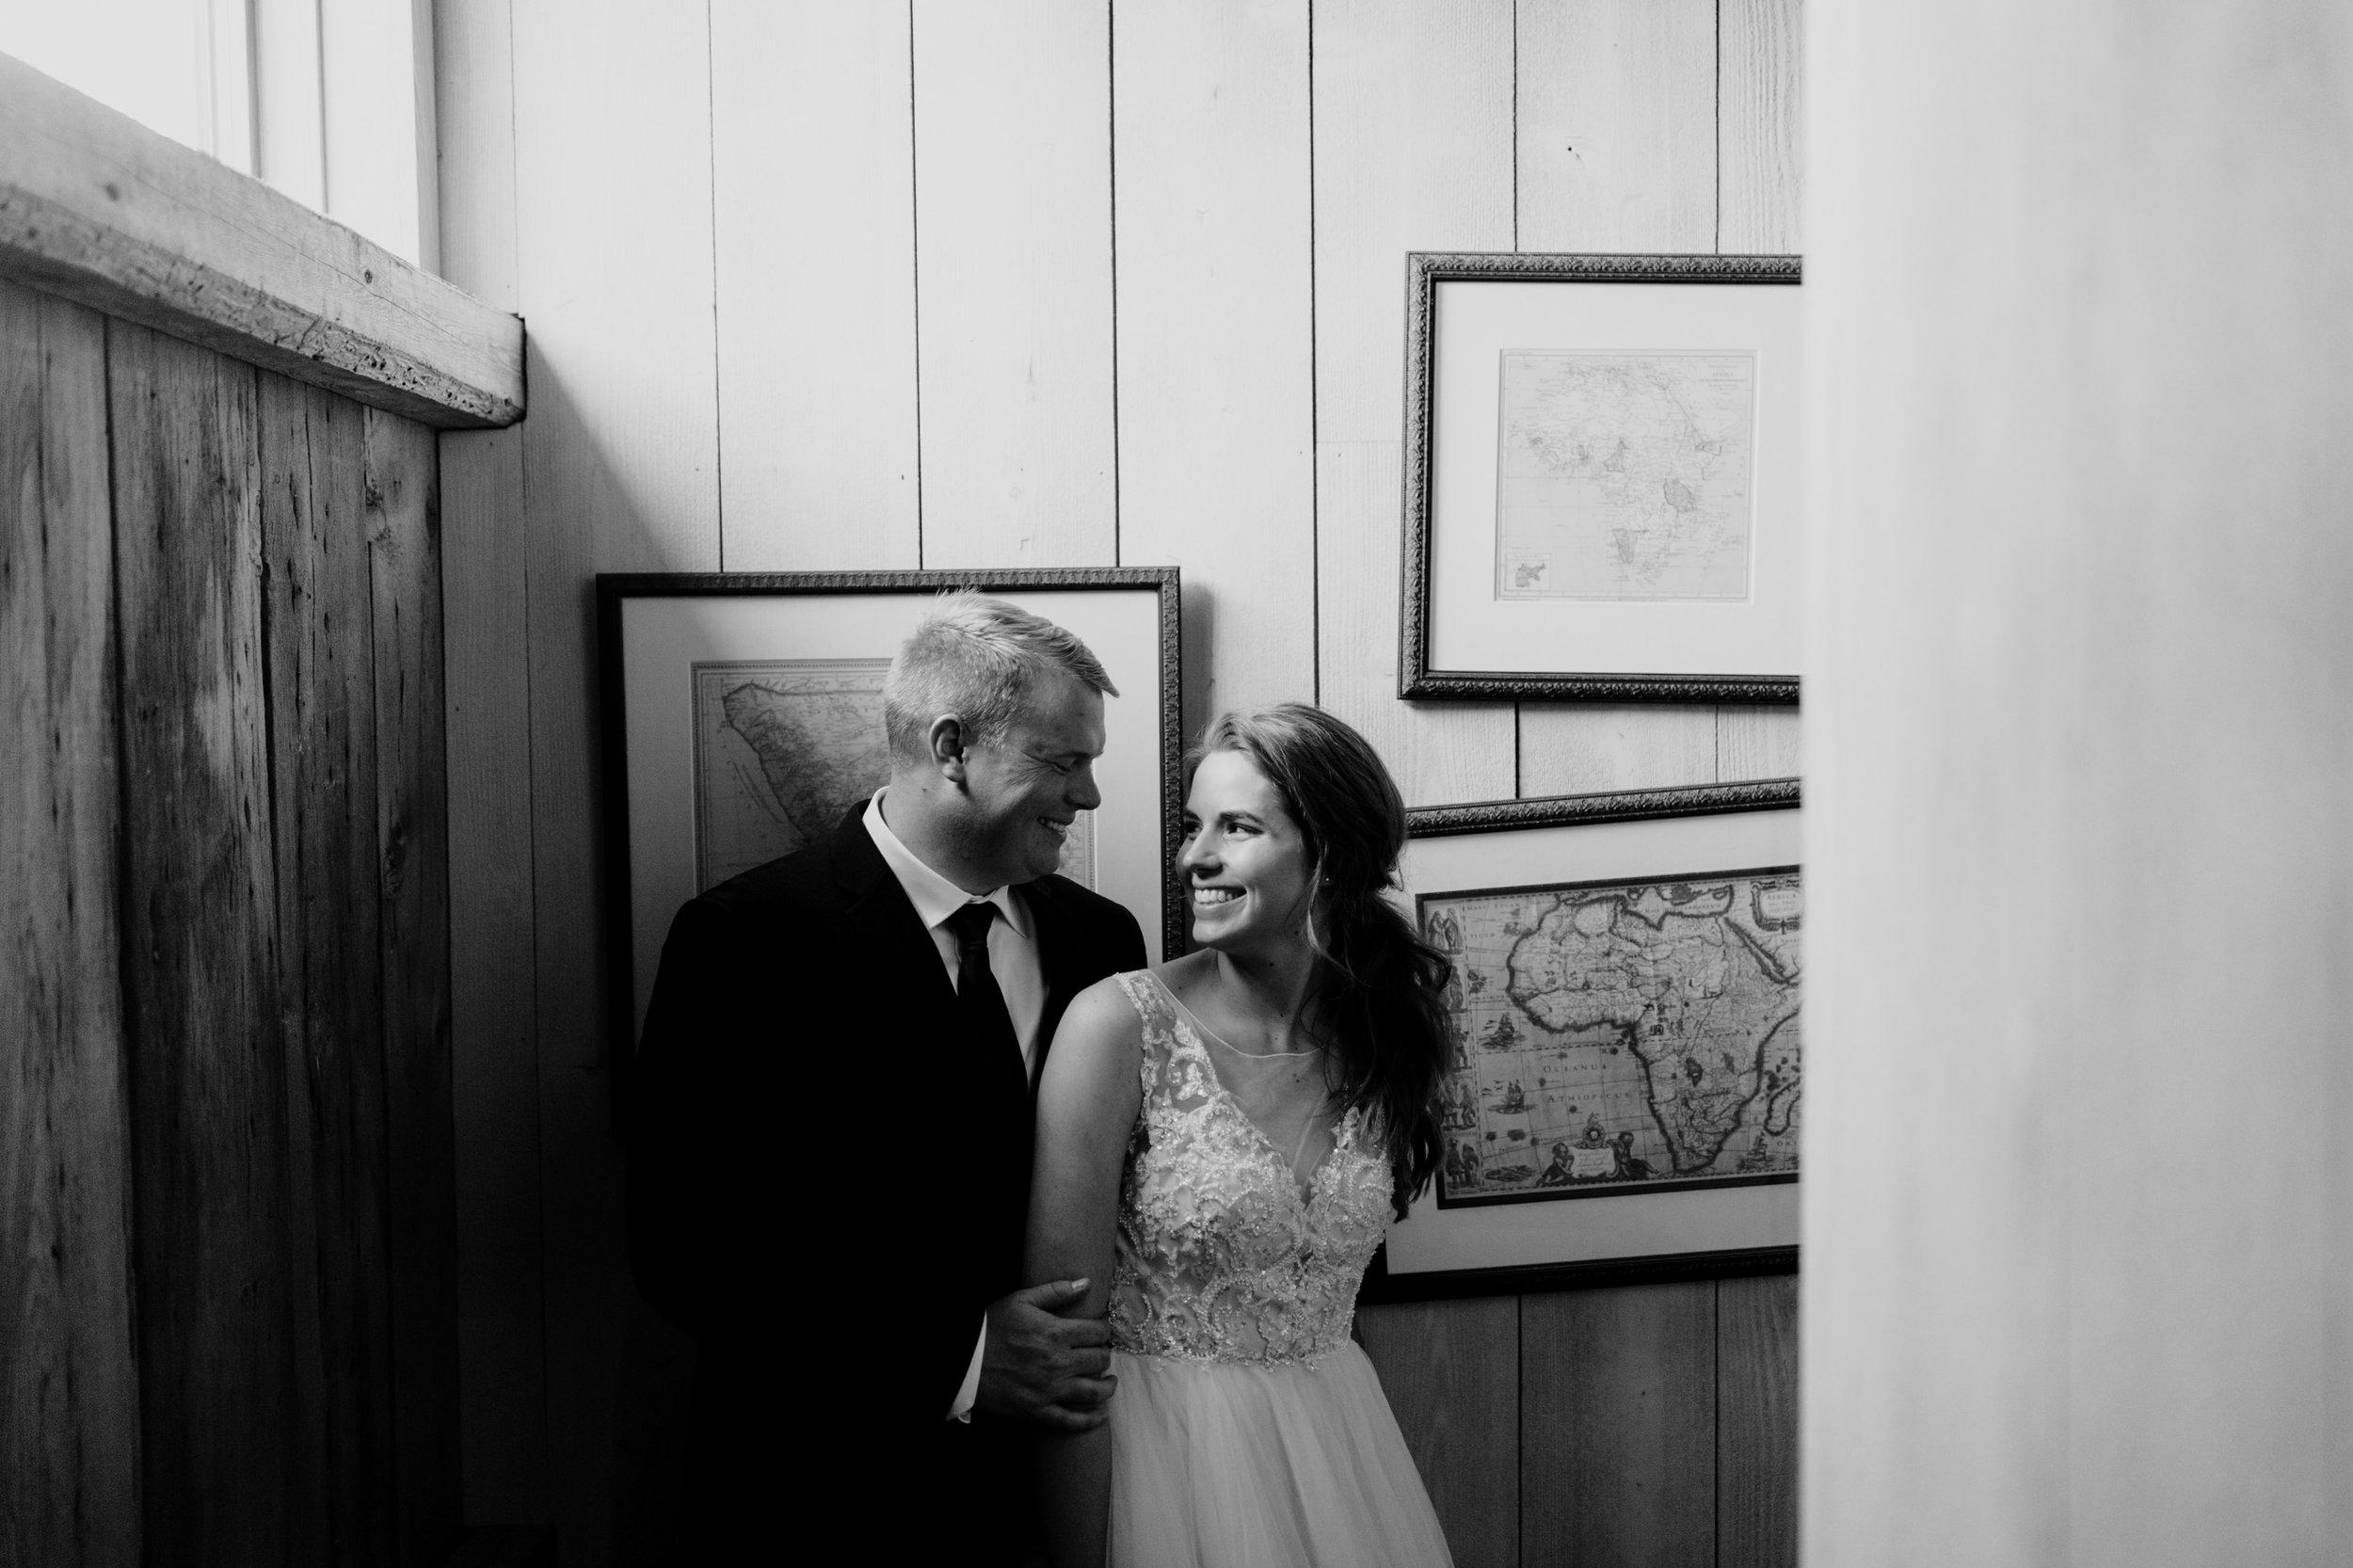 Madeline-Island-Wedding-Photography_52.jpg